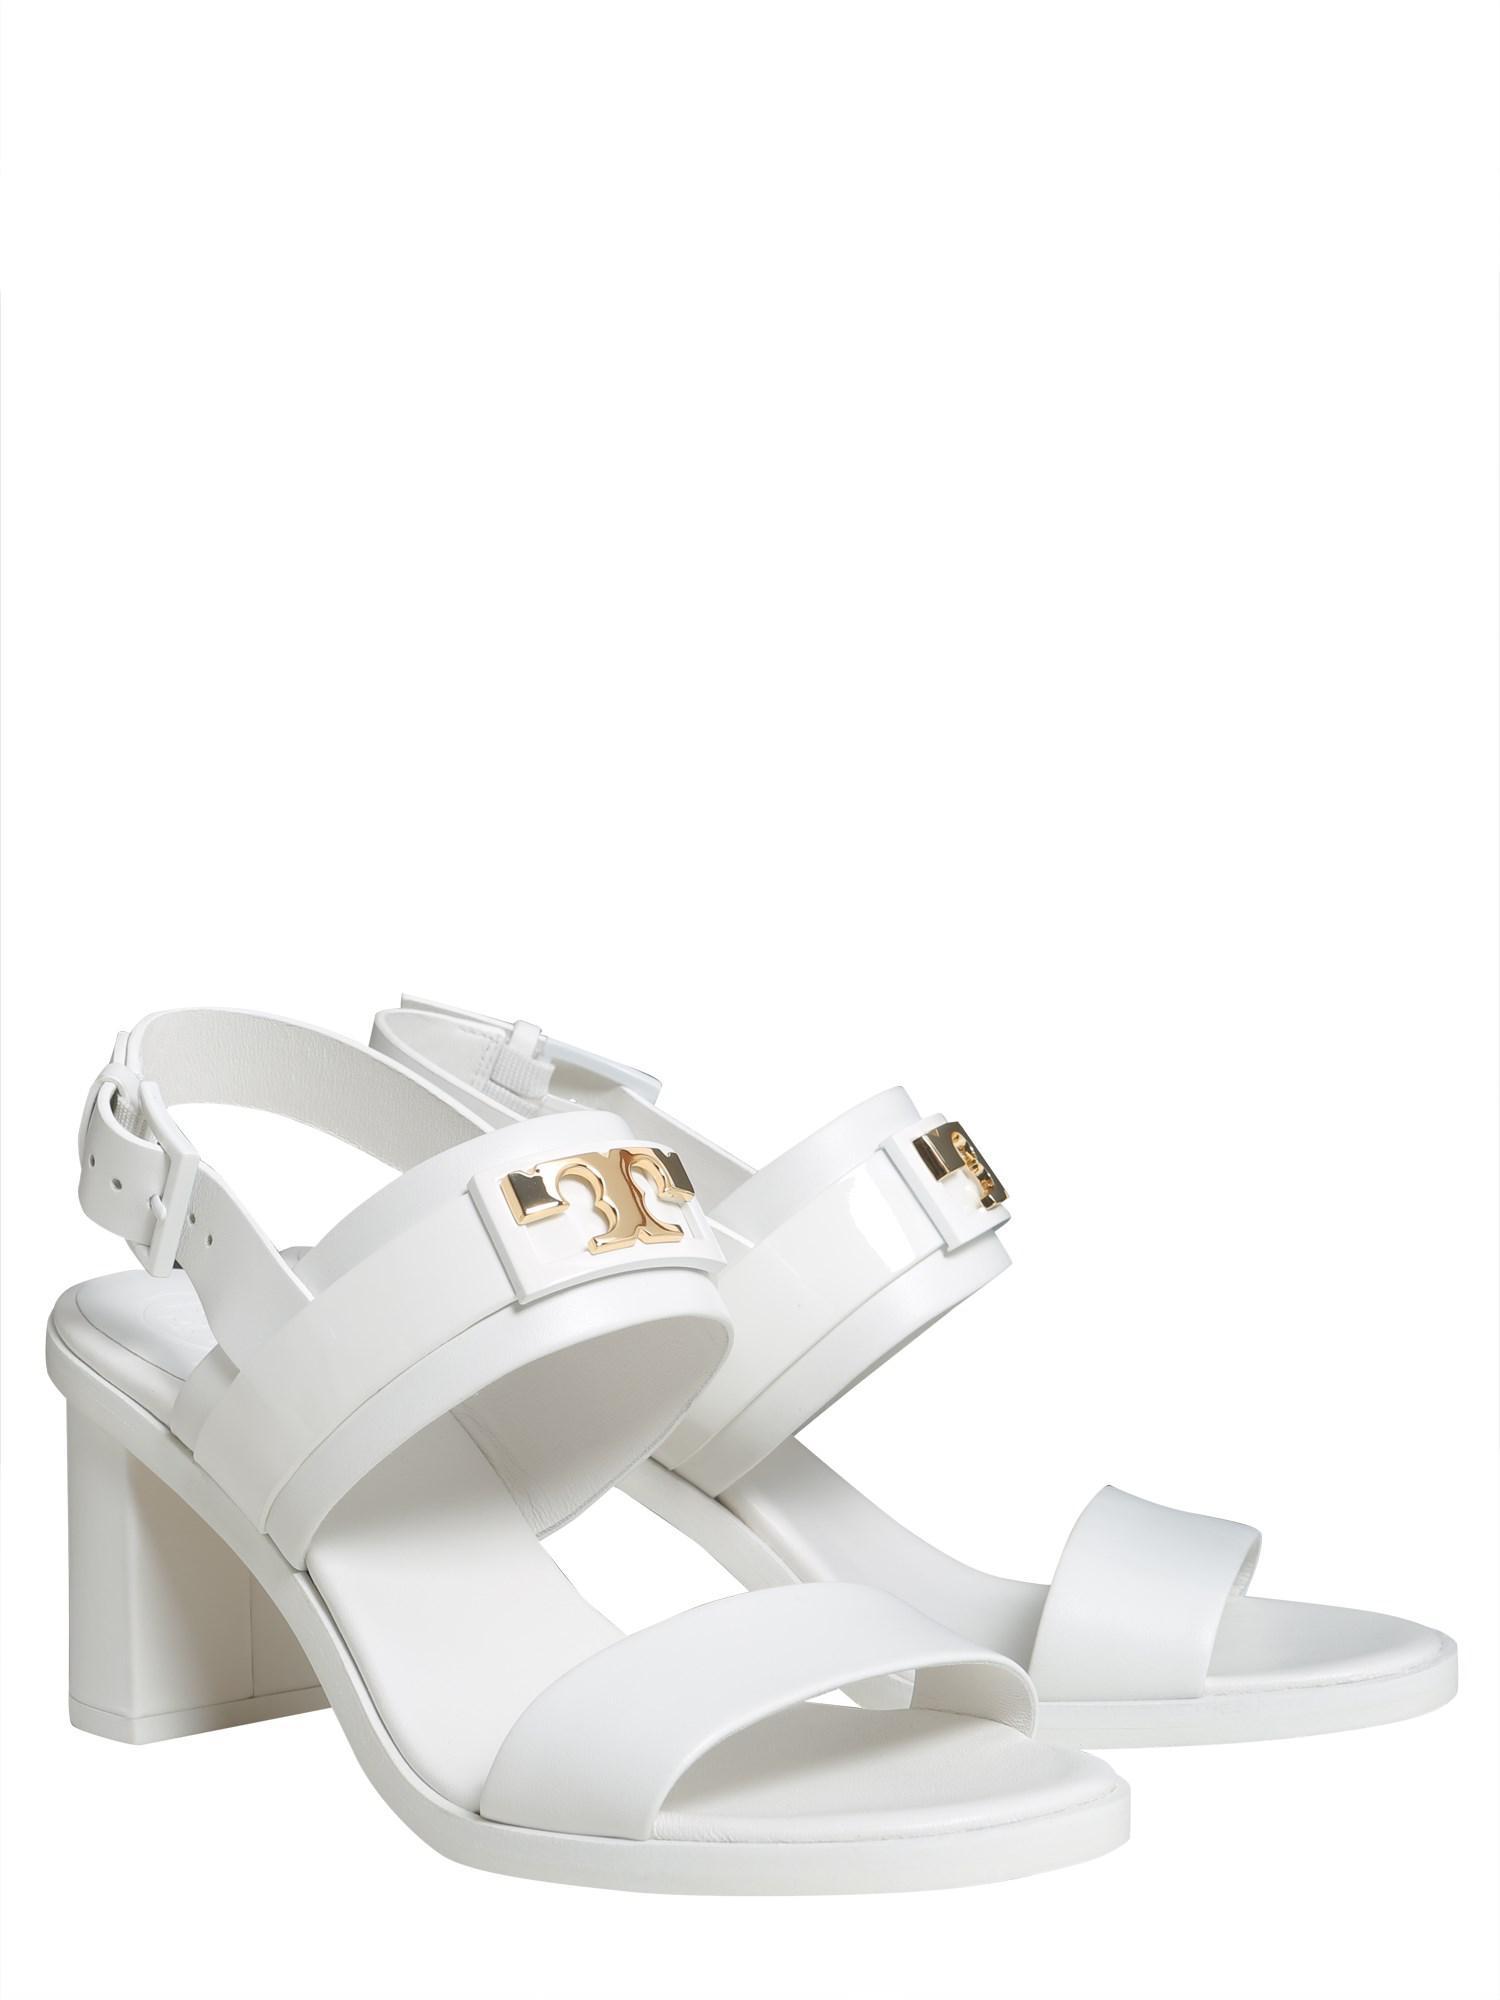 ca4a7990c63cb8 Lyst - Tory Burch Gigi Slingback Leather Sandals in White